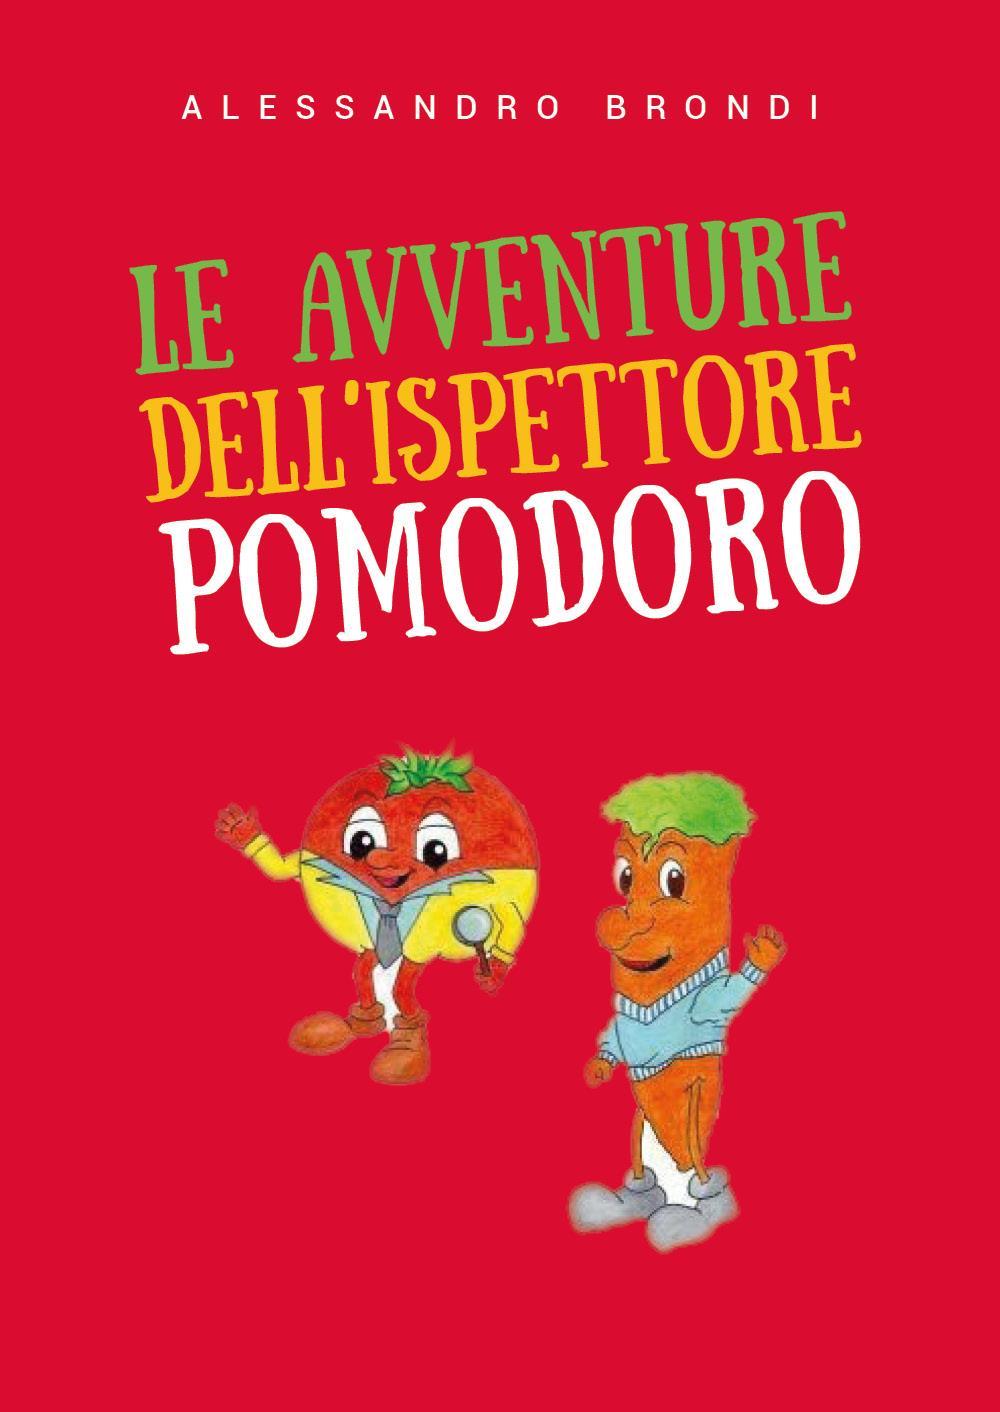 Le avventure dell'Ispettore Pomodoro